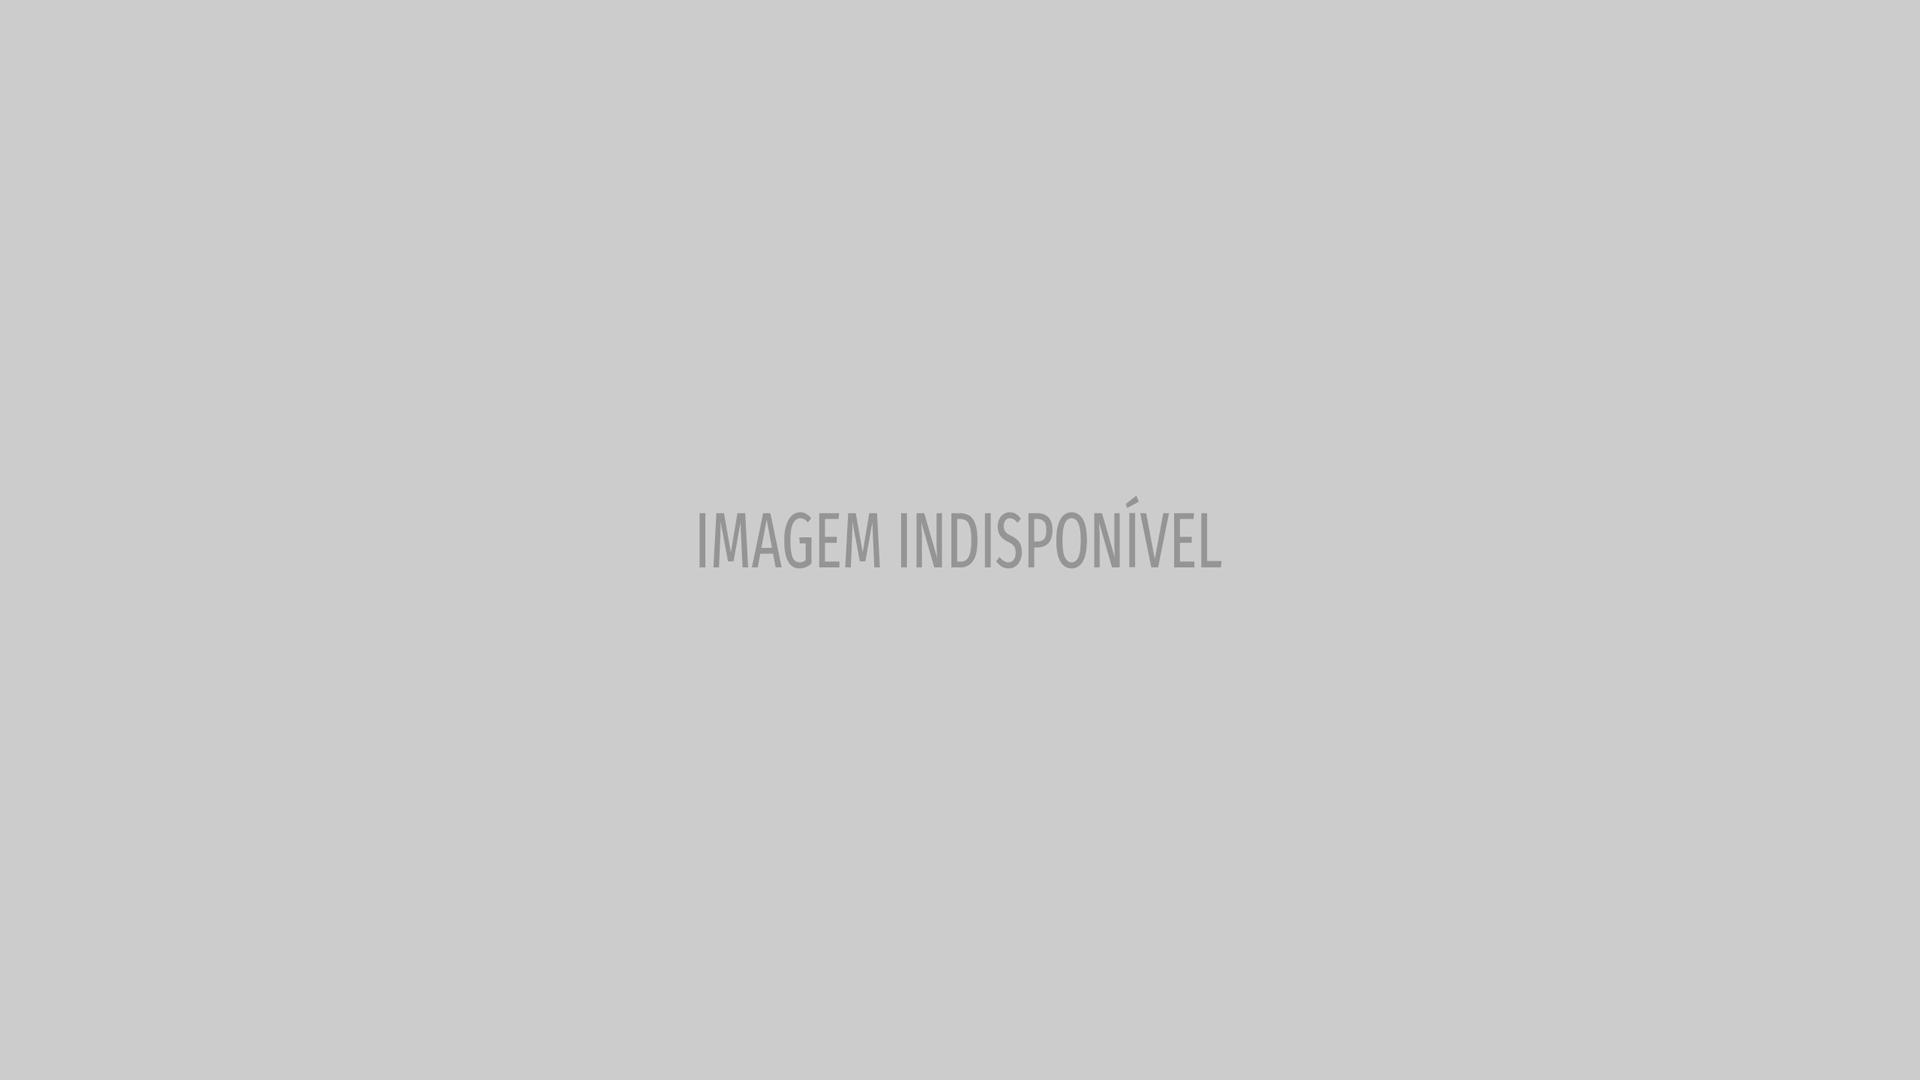 Julgamento de Lula no caso triplex é marcado para 24 de janeiro